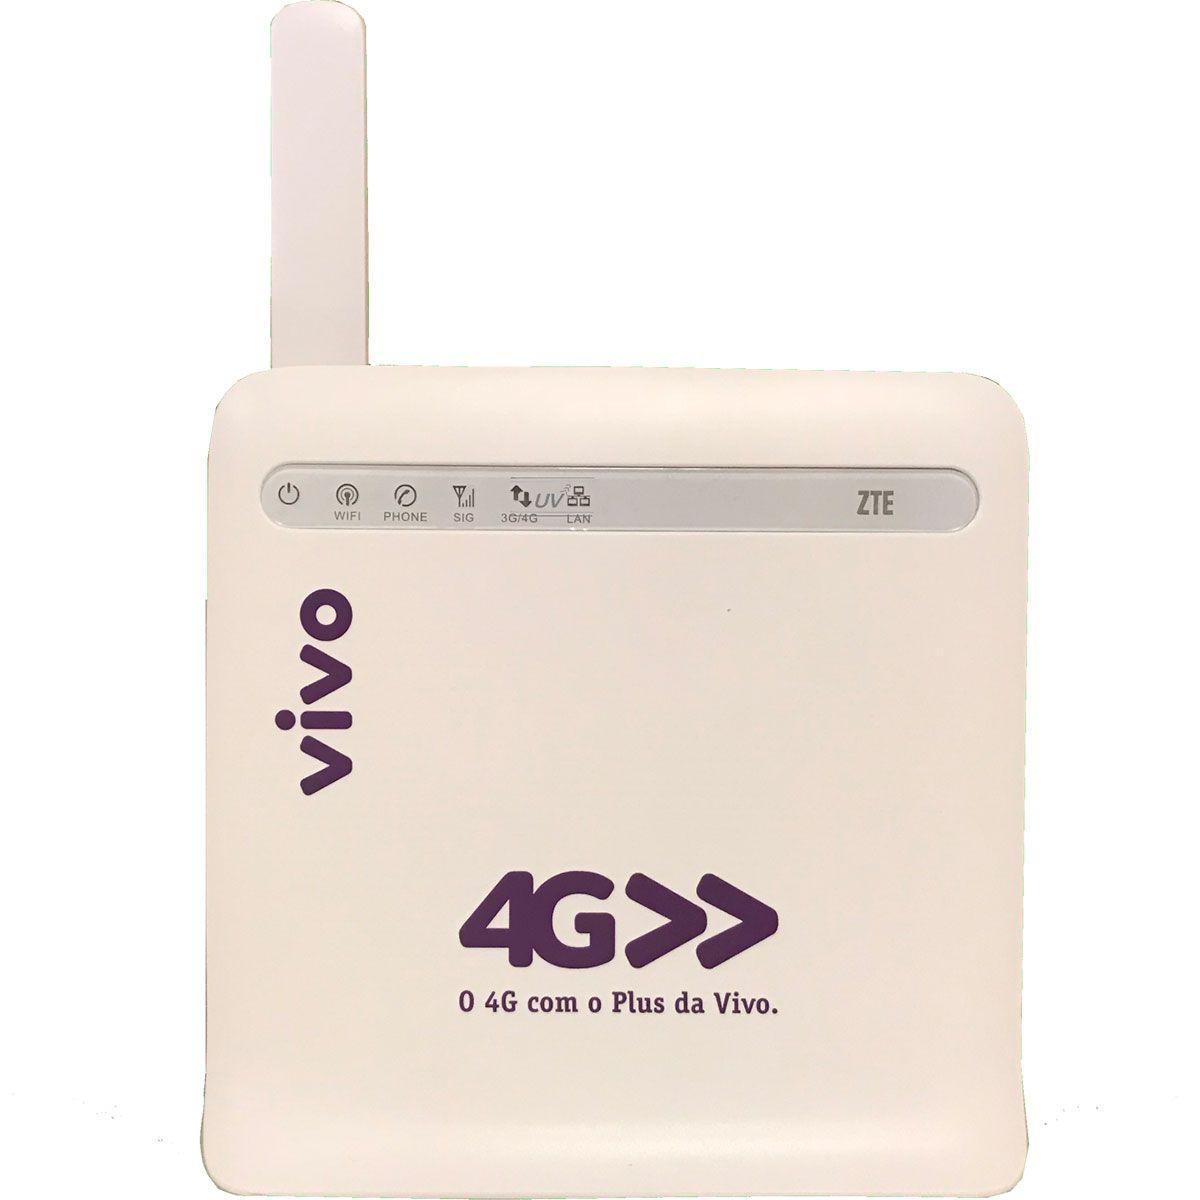 Modem Roteador Zte Vivo Mf253m 4.5g Wifi Desbloqueado